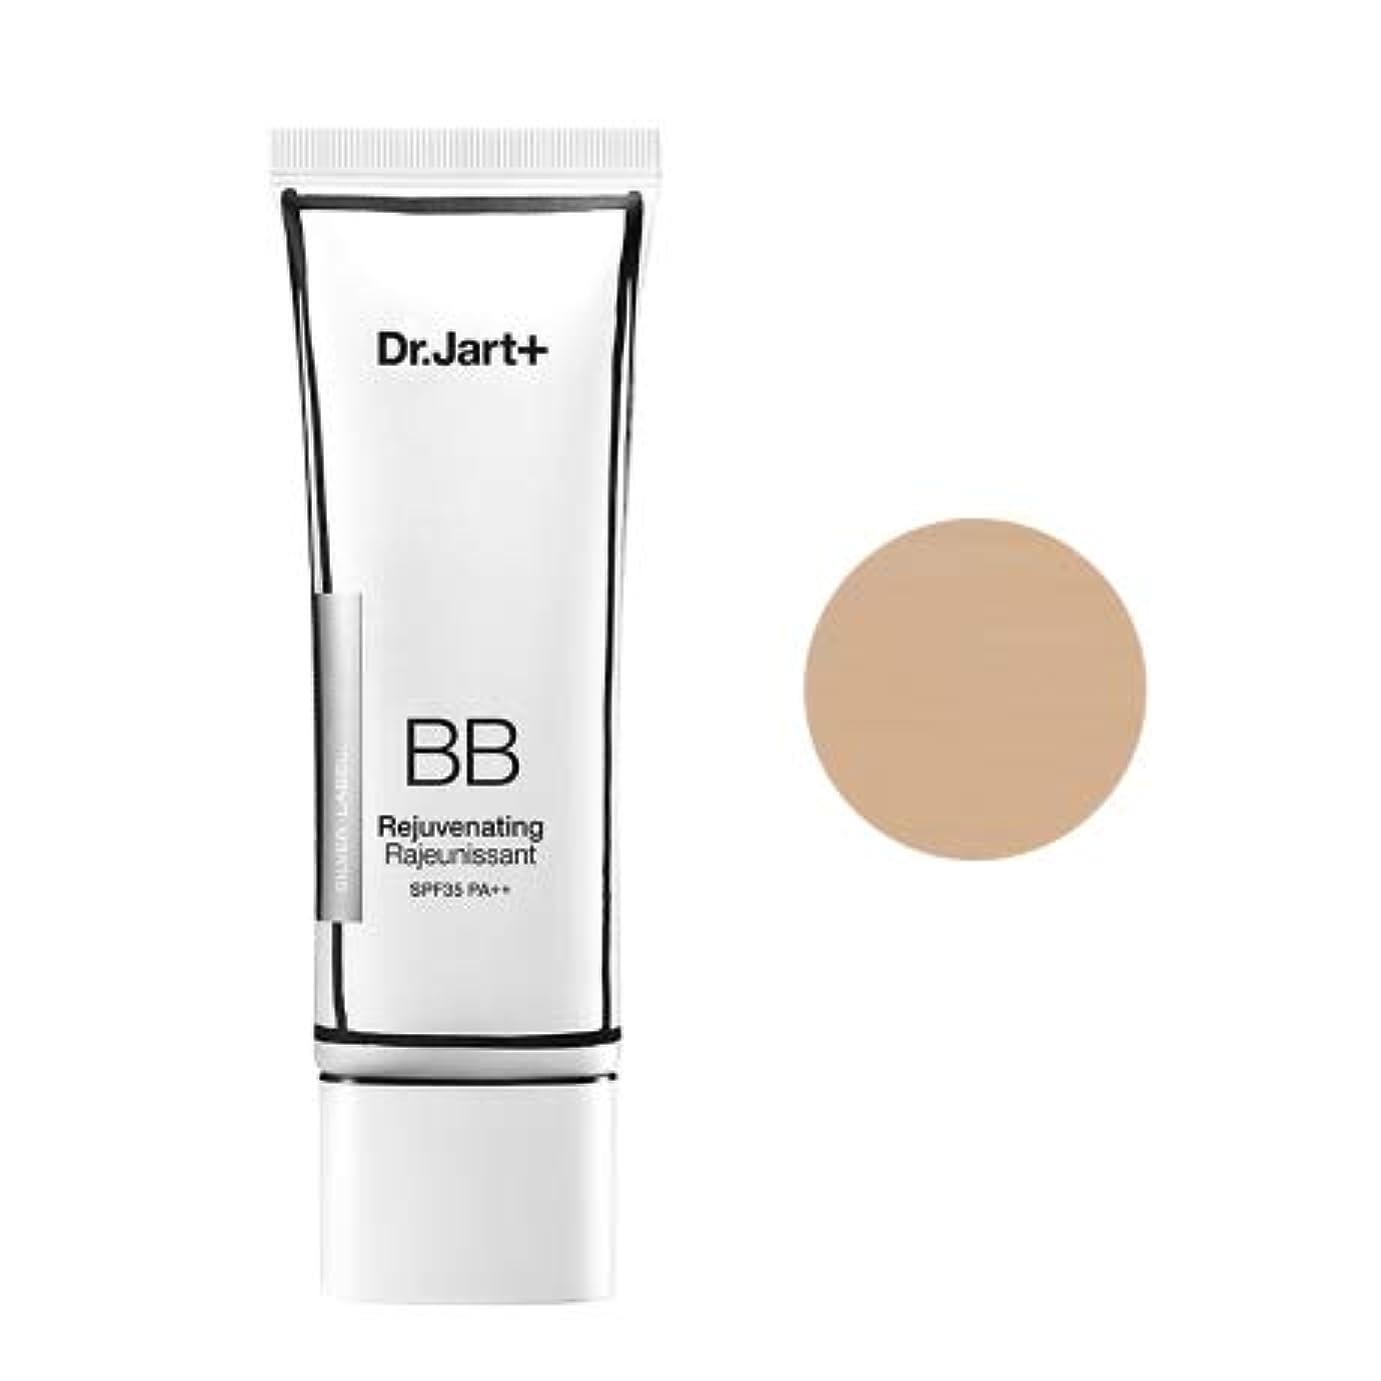 中世の防ぐ帽子[Upgrade] Dr.Jart+Dermakeup Rejuvenating Beauty Balm SPF35 PA++ 50ml /ドクタージャルトゥザメーキャップリージュビネイティンビューティーバーム SPF35 PA++ 50ml [並行輸入品]